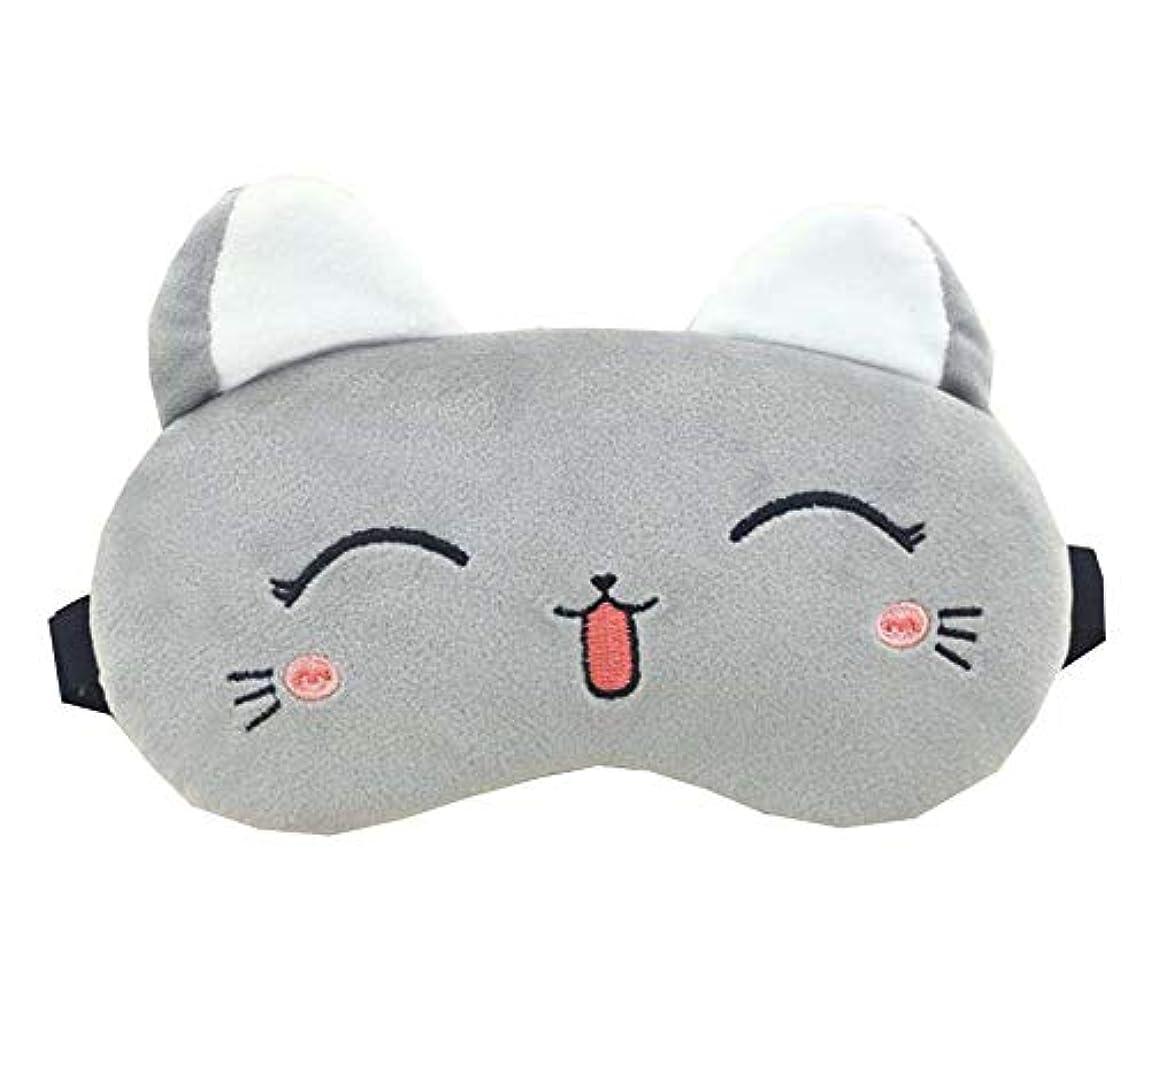 風邪をひく統治可能バケット女の子の旅行スリーピングアイシェード - 目隠しナップカバーアイマスクの改善睡眠、A